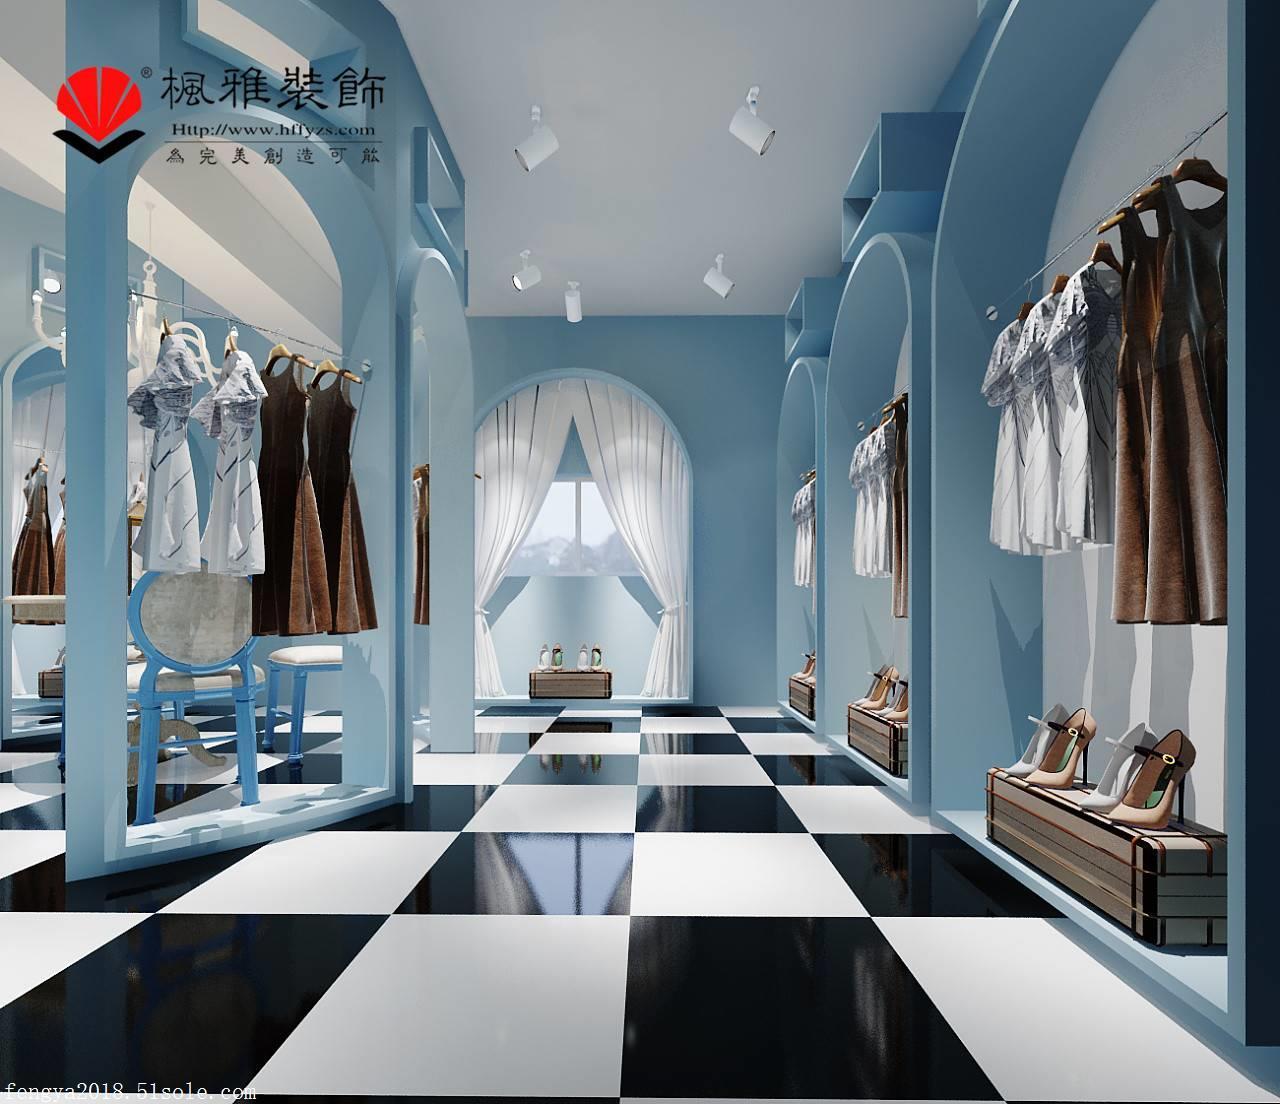 合肥服装店装修,特色服装店装修,地中海式服装店装修